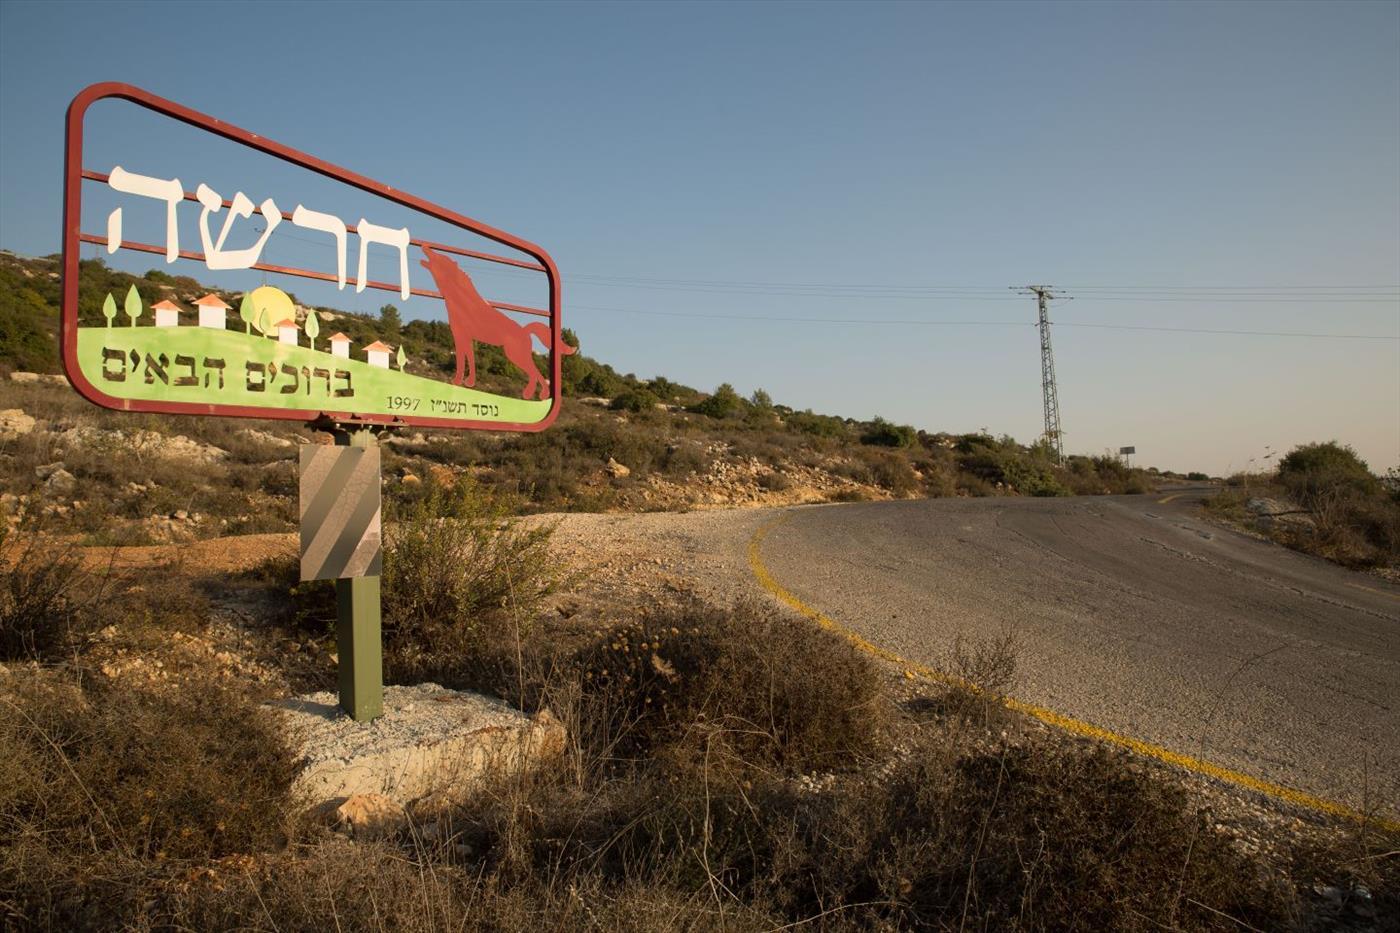 דרך הגישה לחרשה צילום: יוגב הלל/TPS